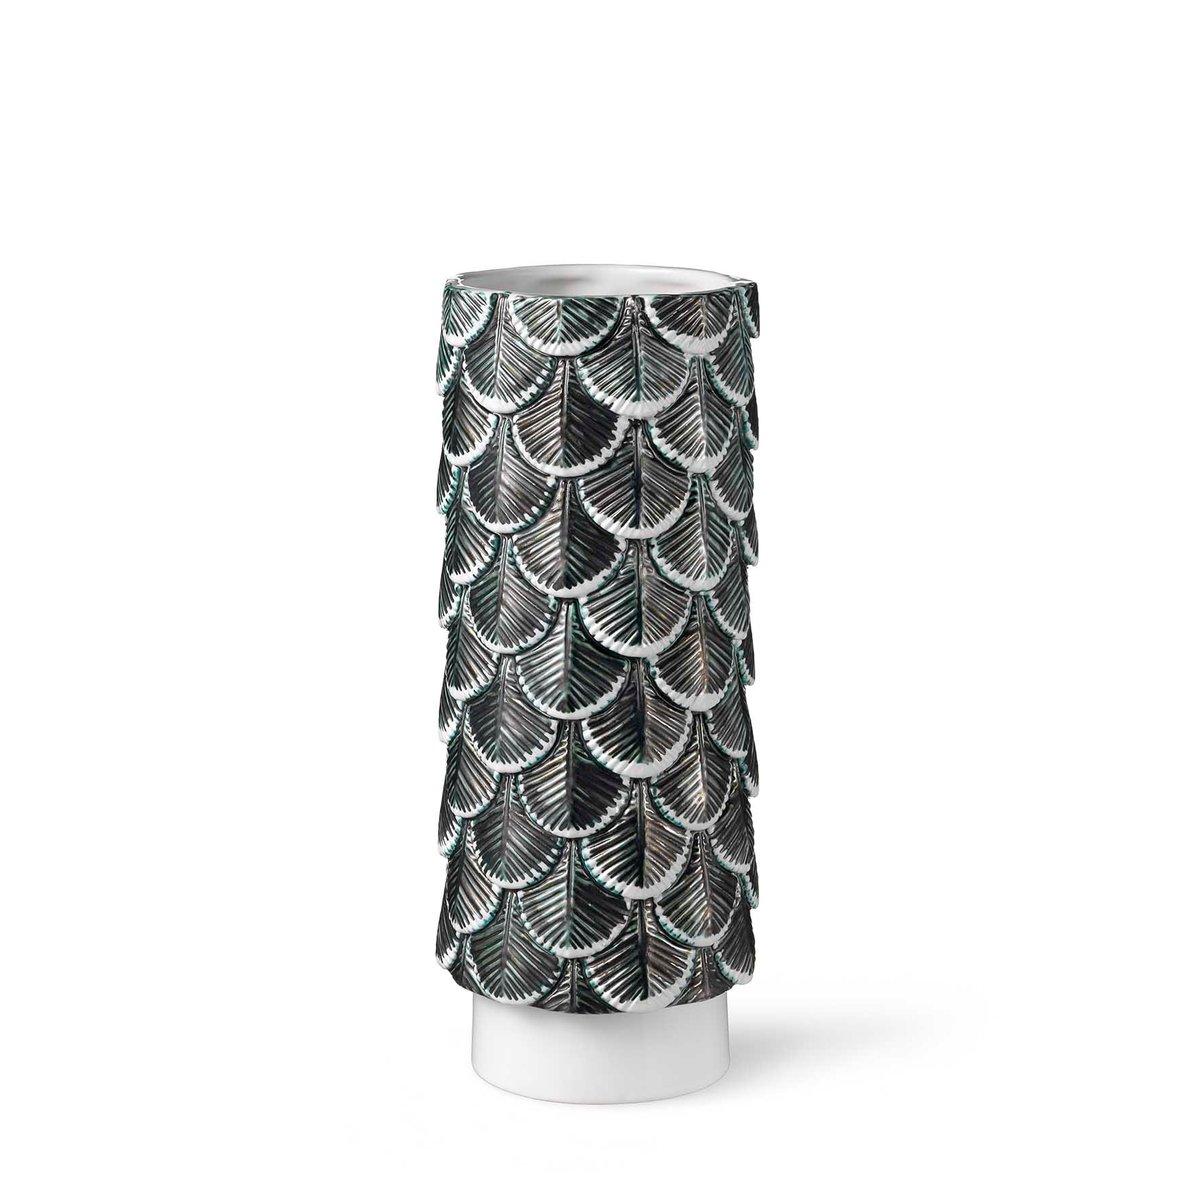 hand dekorierte plumage vase in wei schwarz von cristina celestino f r botteganove bei pamono. Black Bedroom Furniture Sets. Home Design Ideas